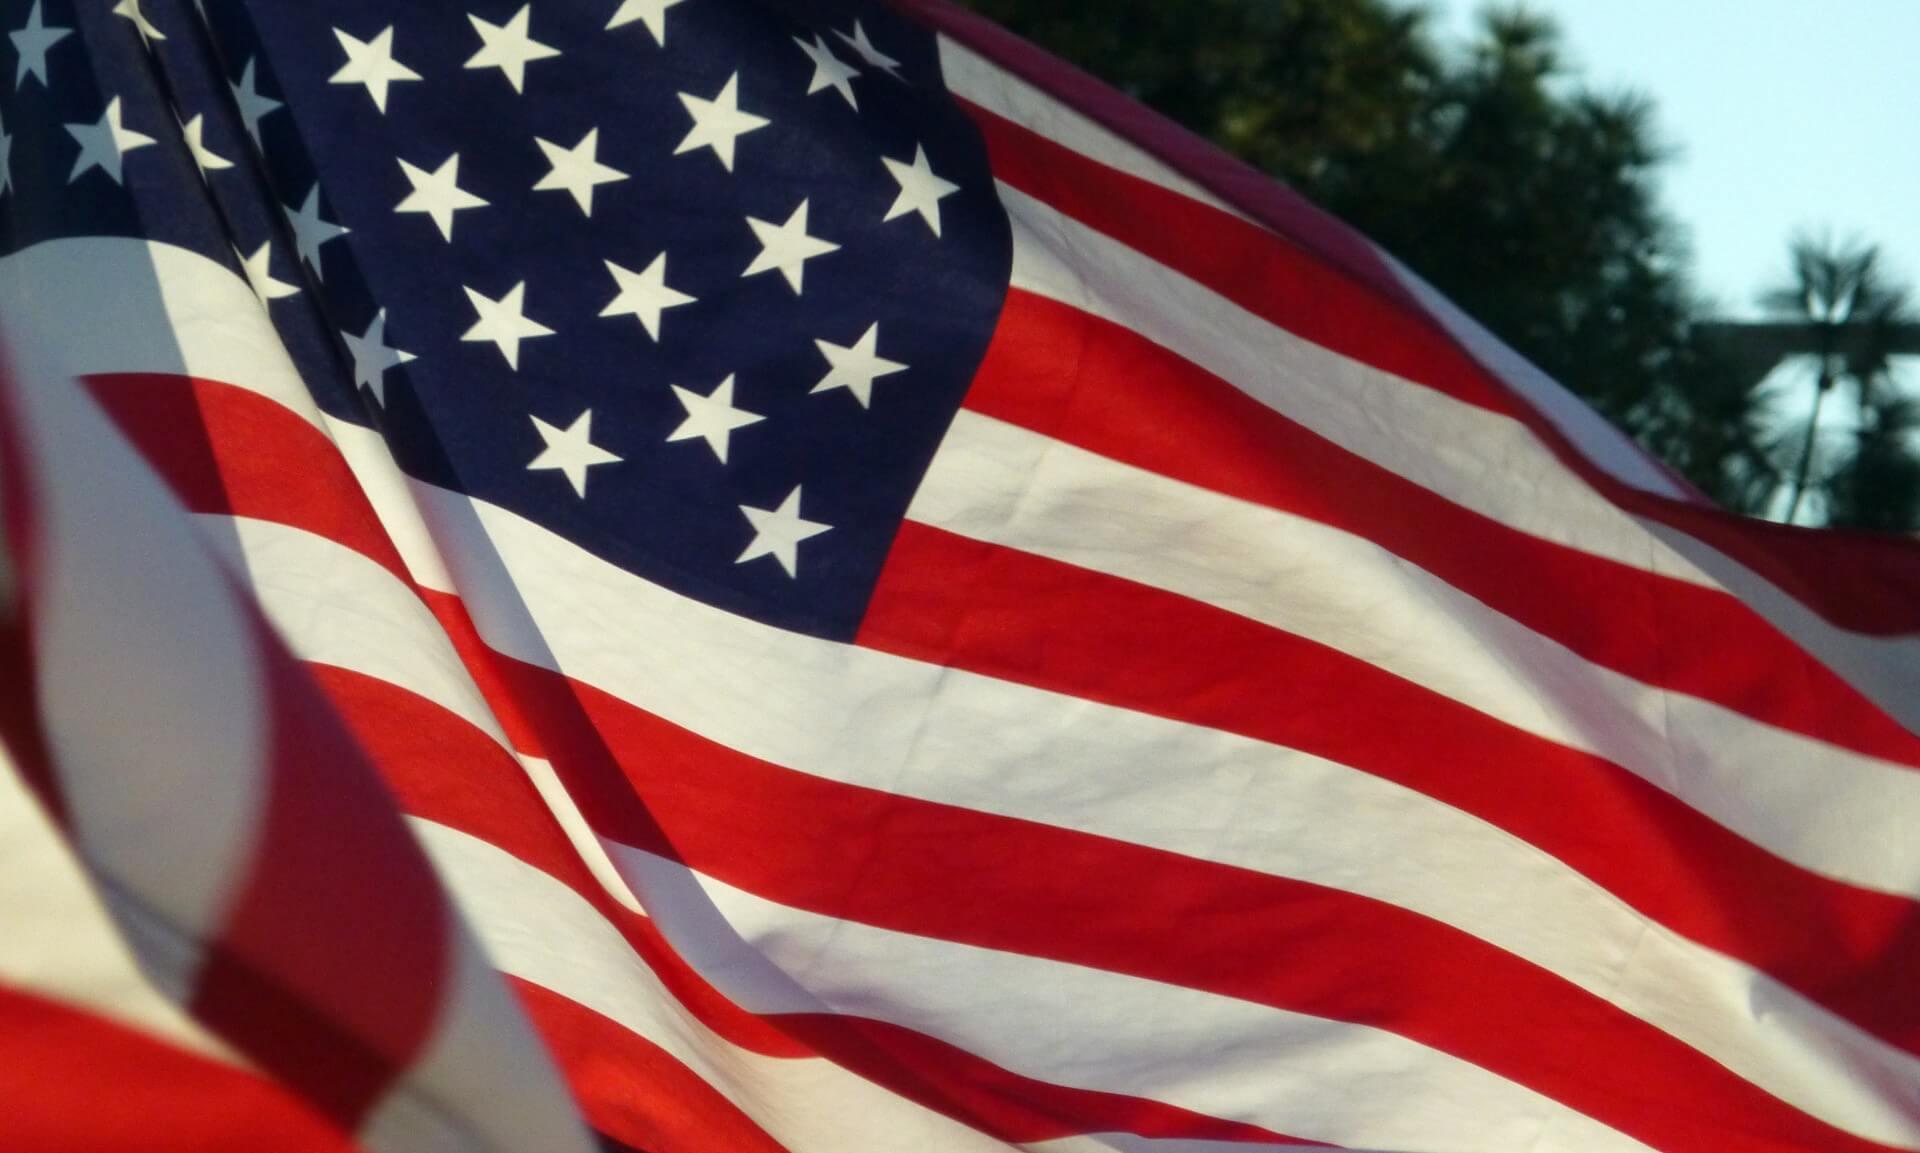 American flag unfurled. Public Domain: https://www.publicdomainpictures.net/en/view-image.php?image=116562&picture=american-flag-unfurled